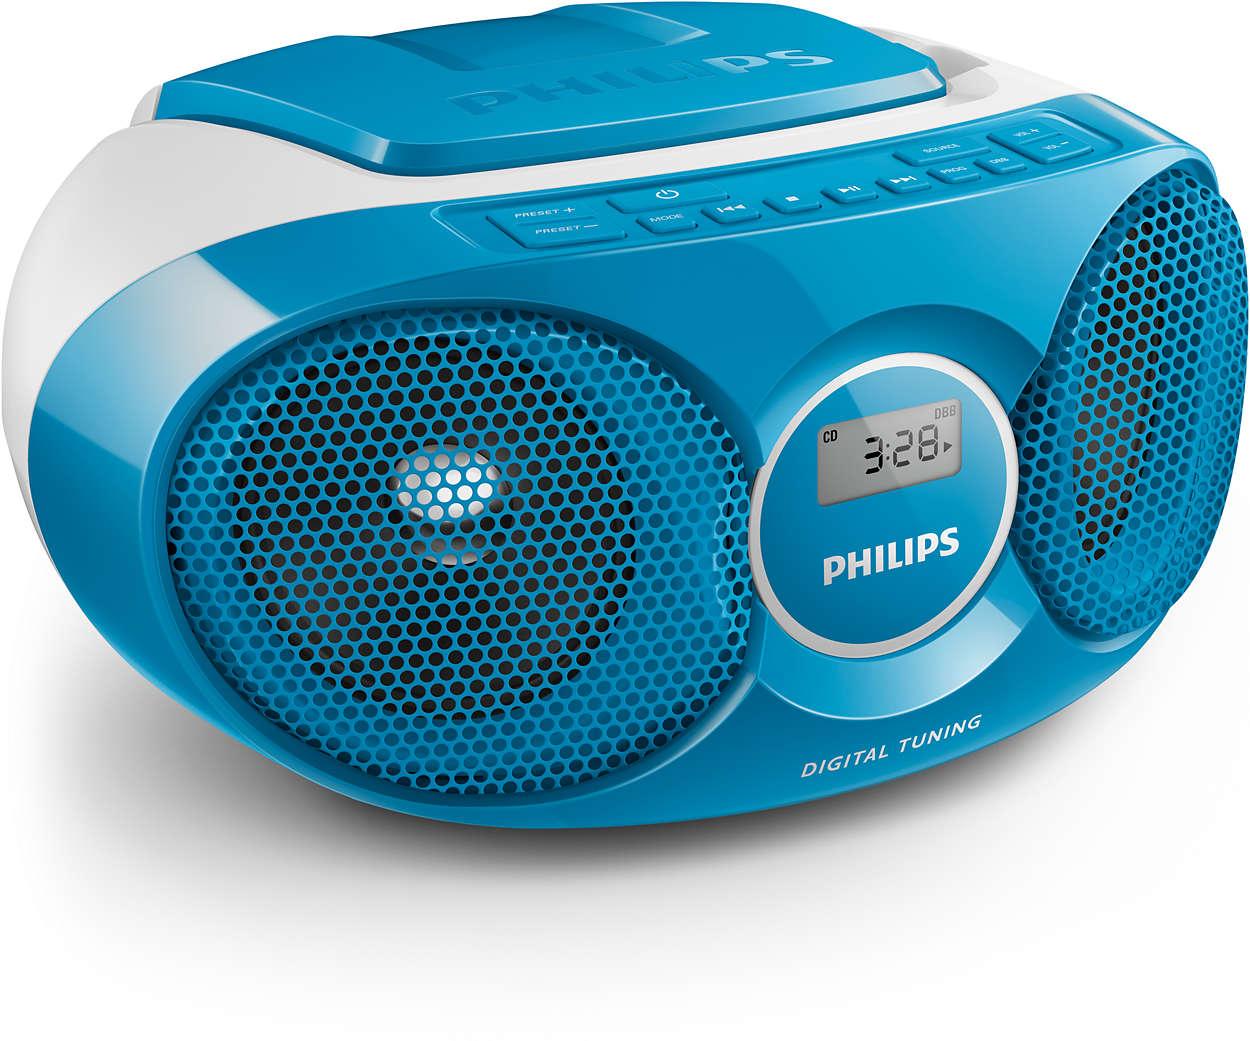 Philips Fernseher Interdiscount : Cd soundmachine az215n 12 philips